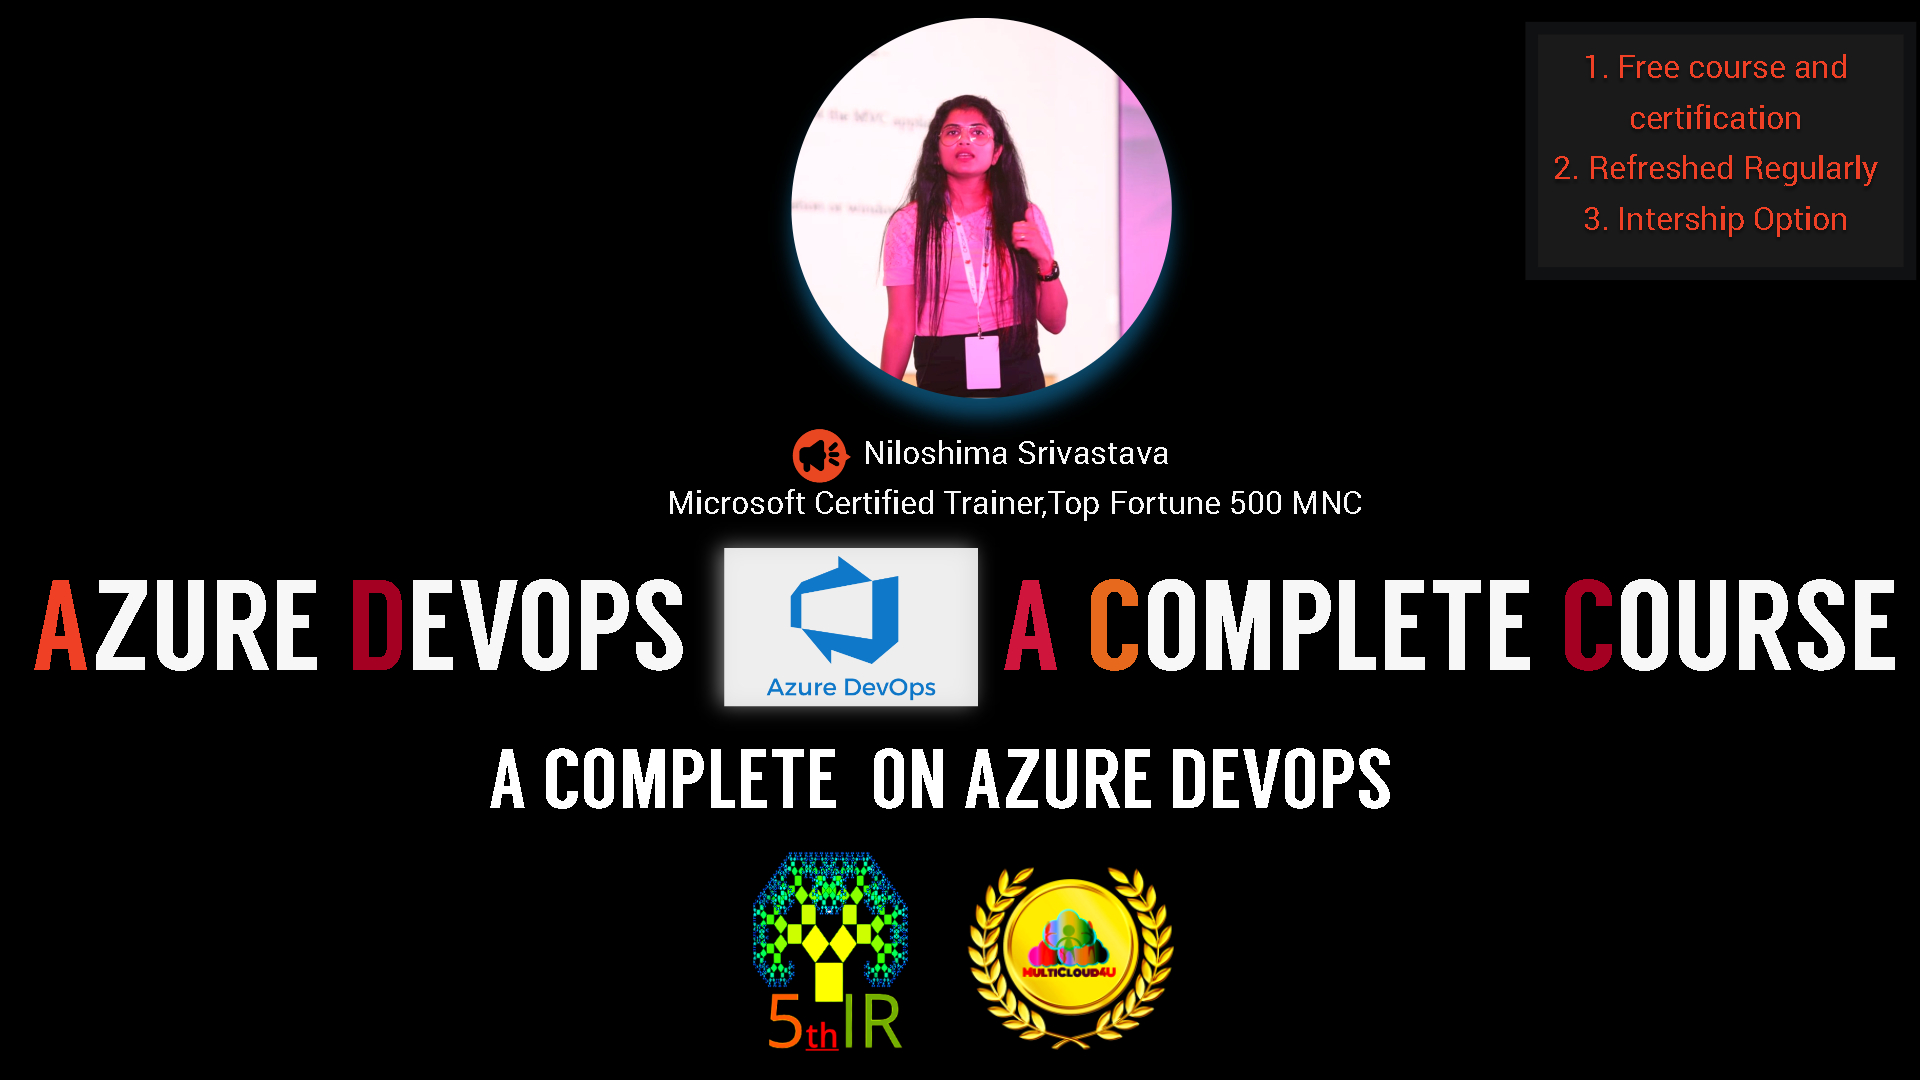 Azure DevOps - A Complete Course